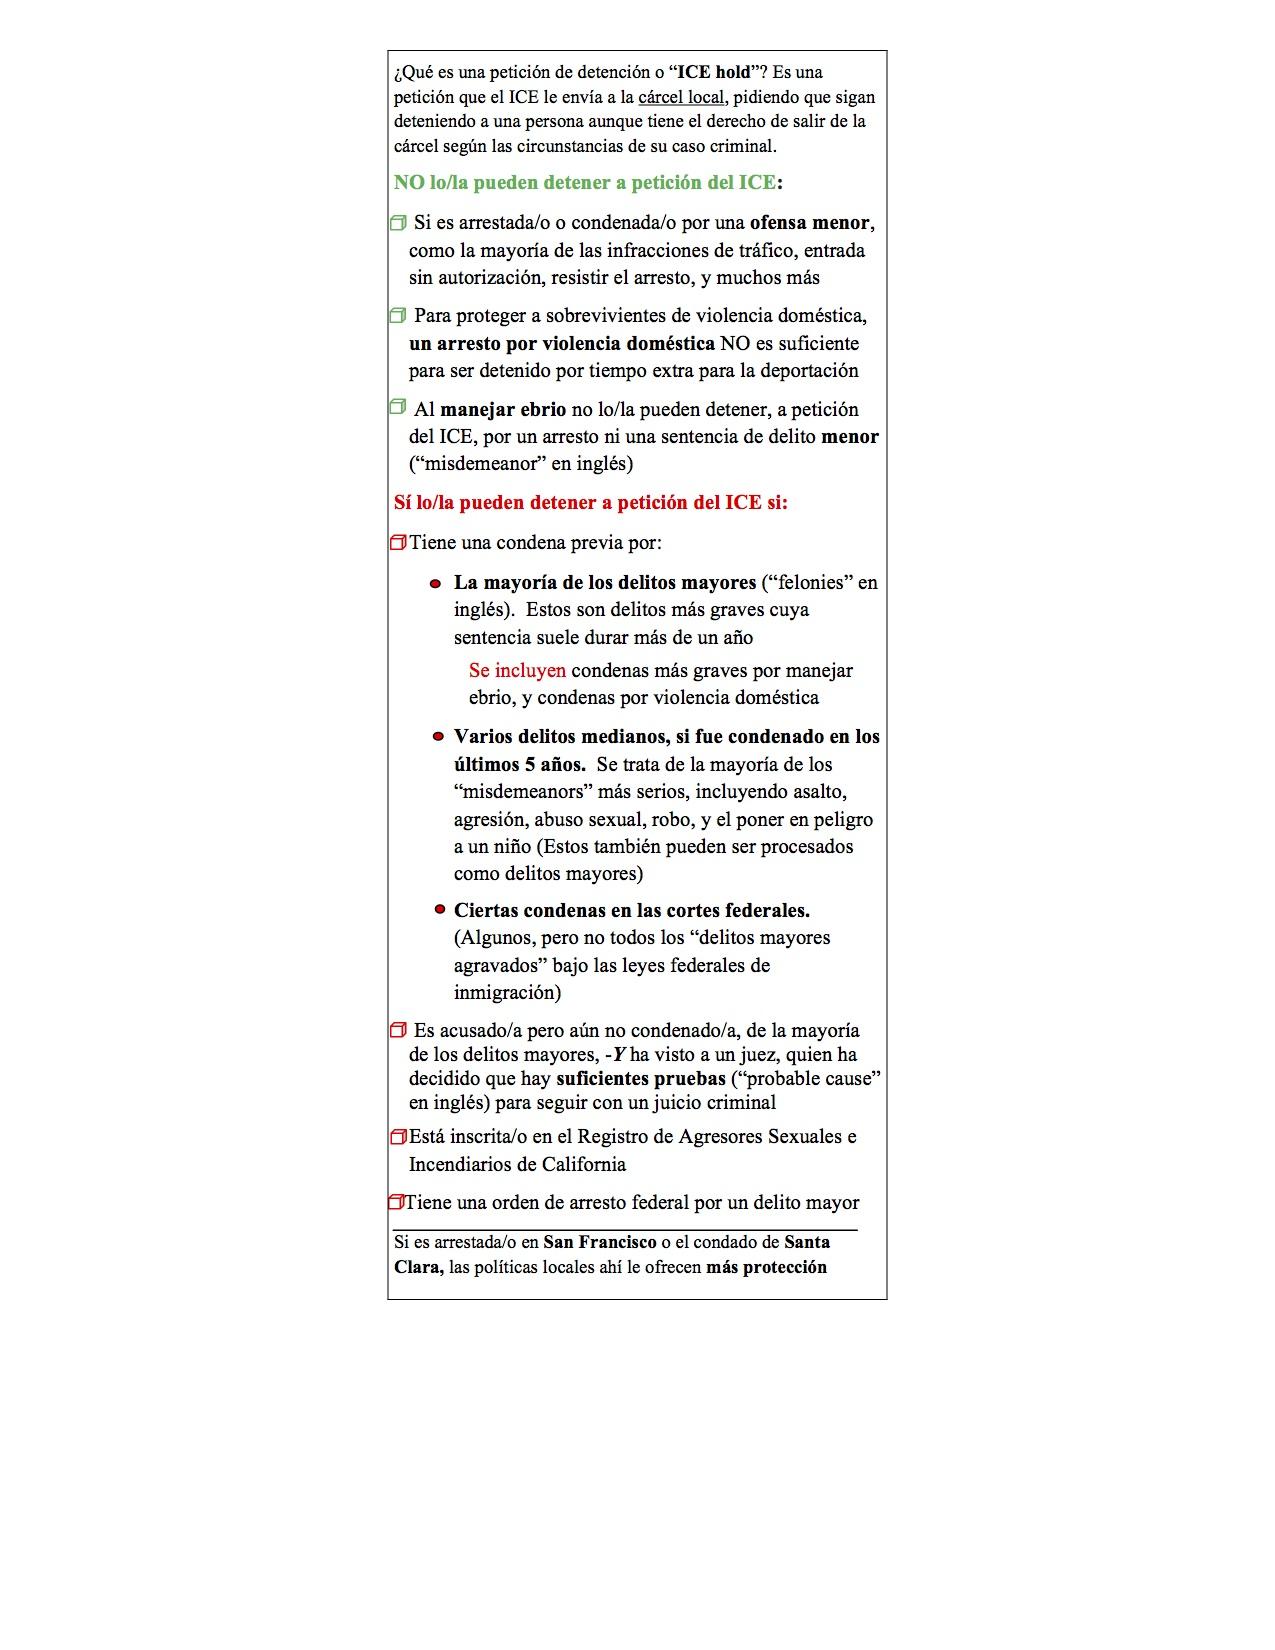 2014.1.10-Spanish-Palm-Card(2)